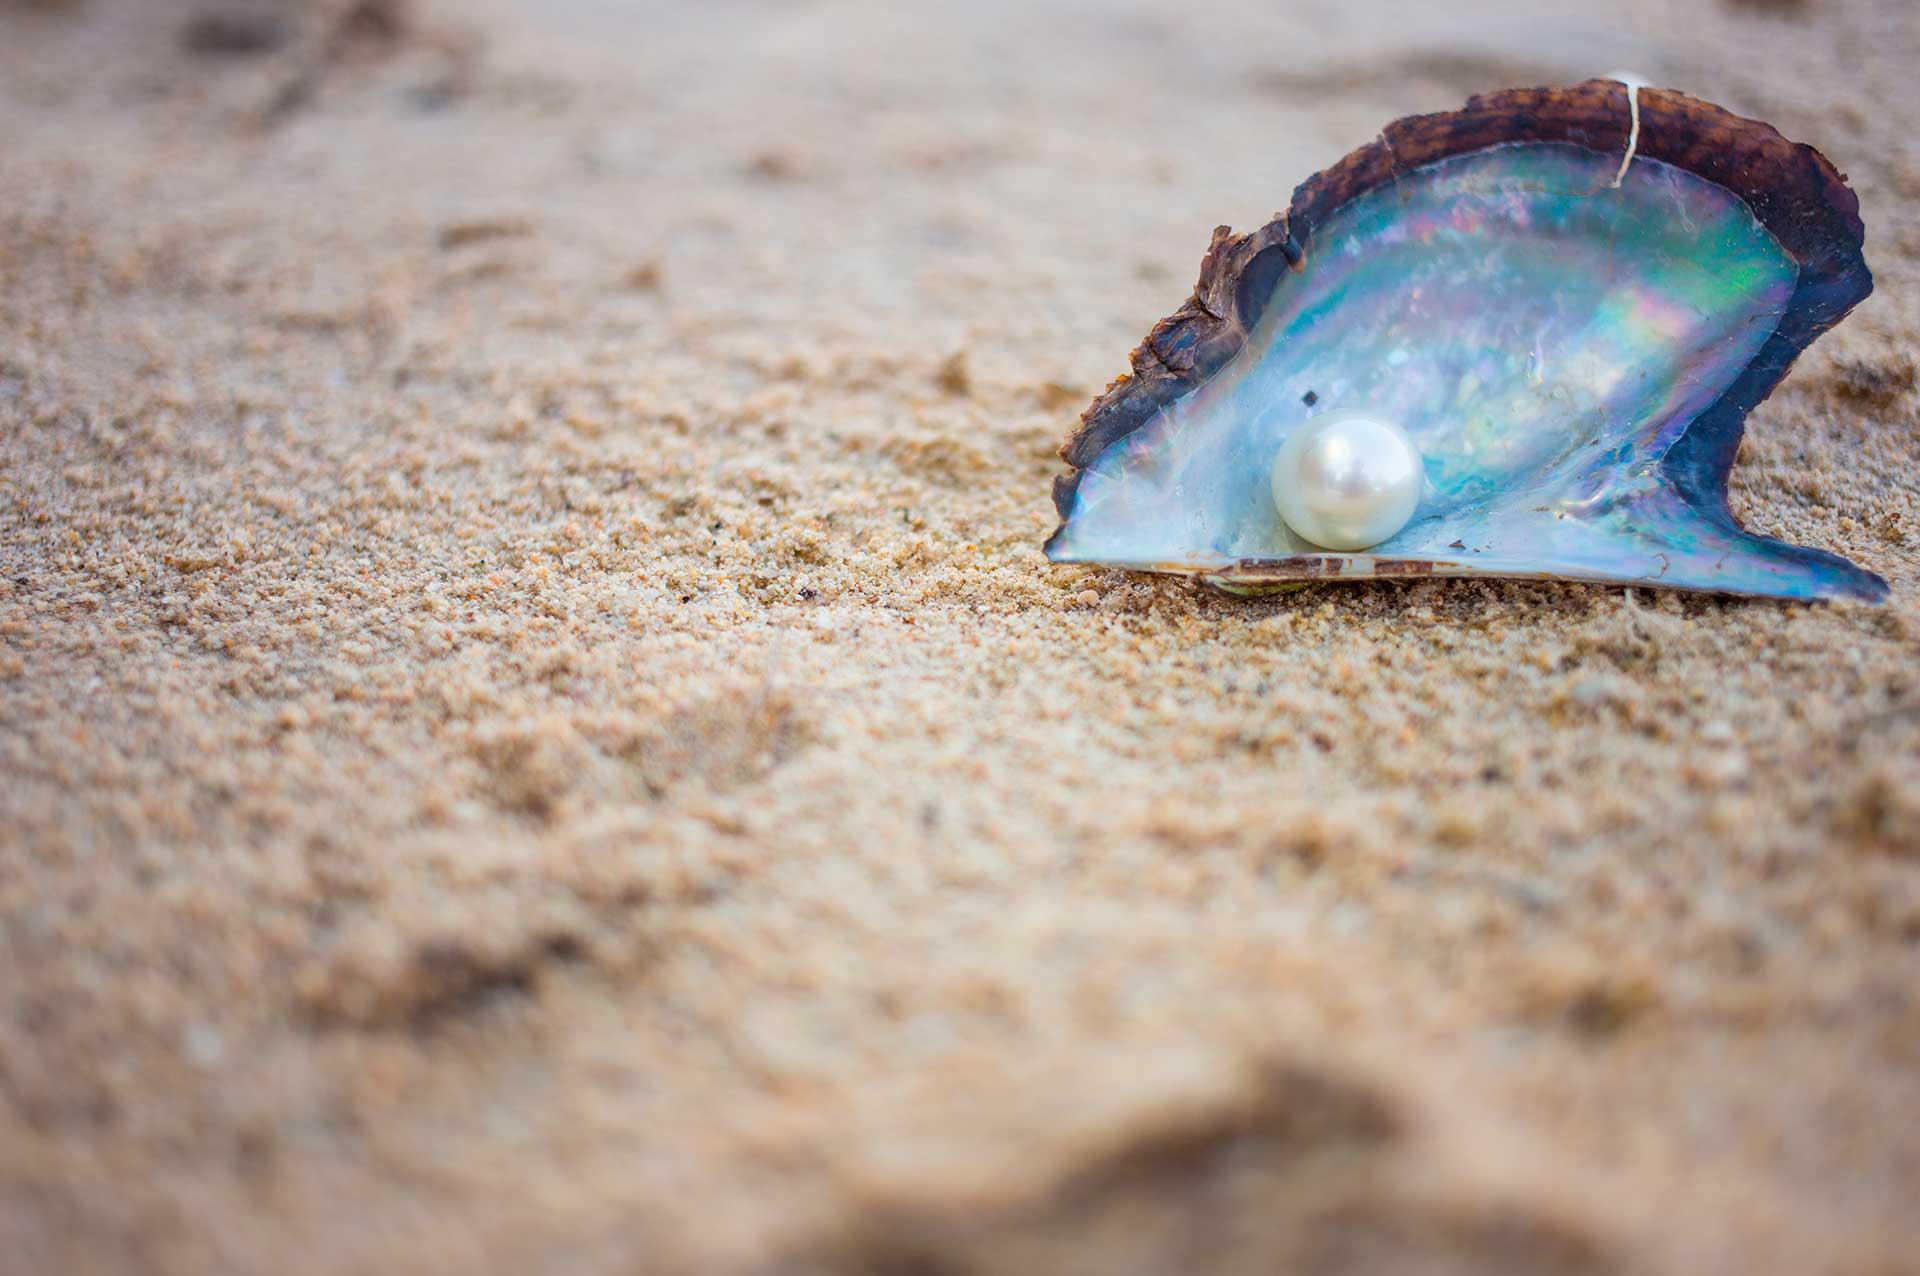 Texto: Pérola em concha: toda a beleza e perfeição da natureza! Fonte: Kittisun/Shutterstock